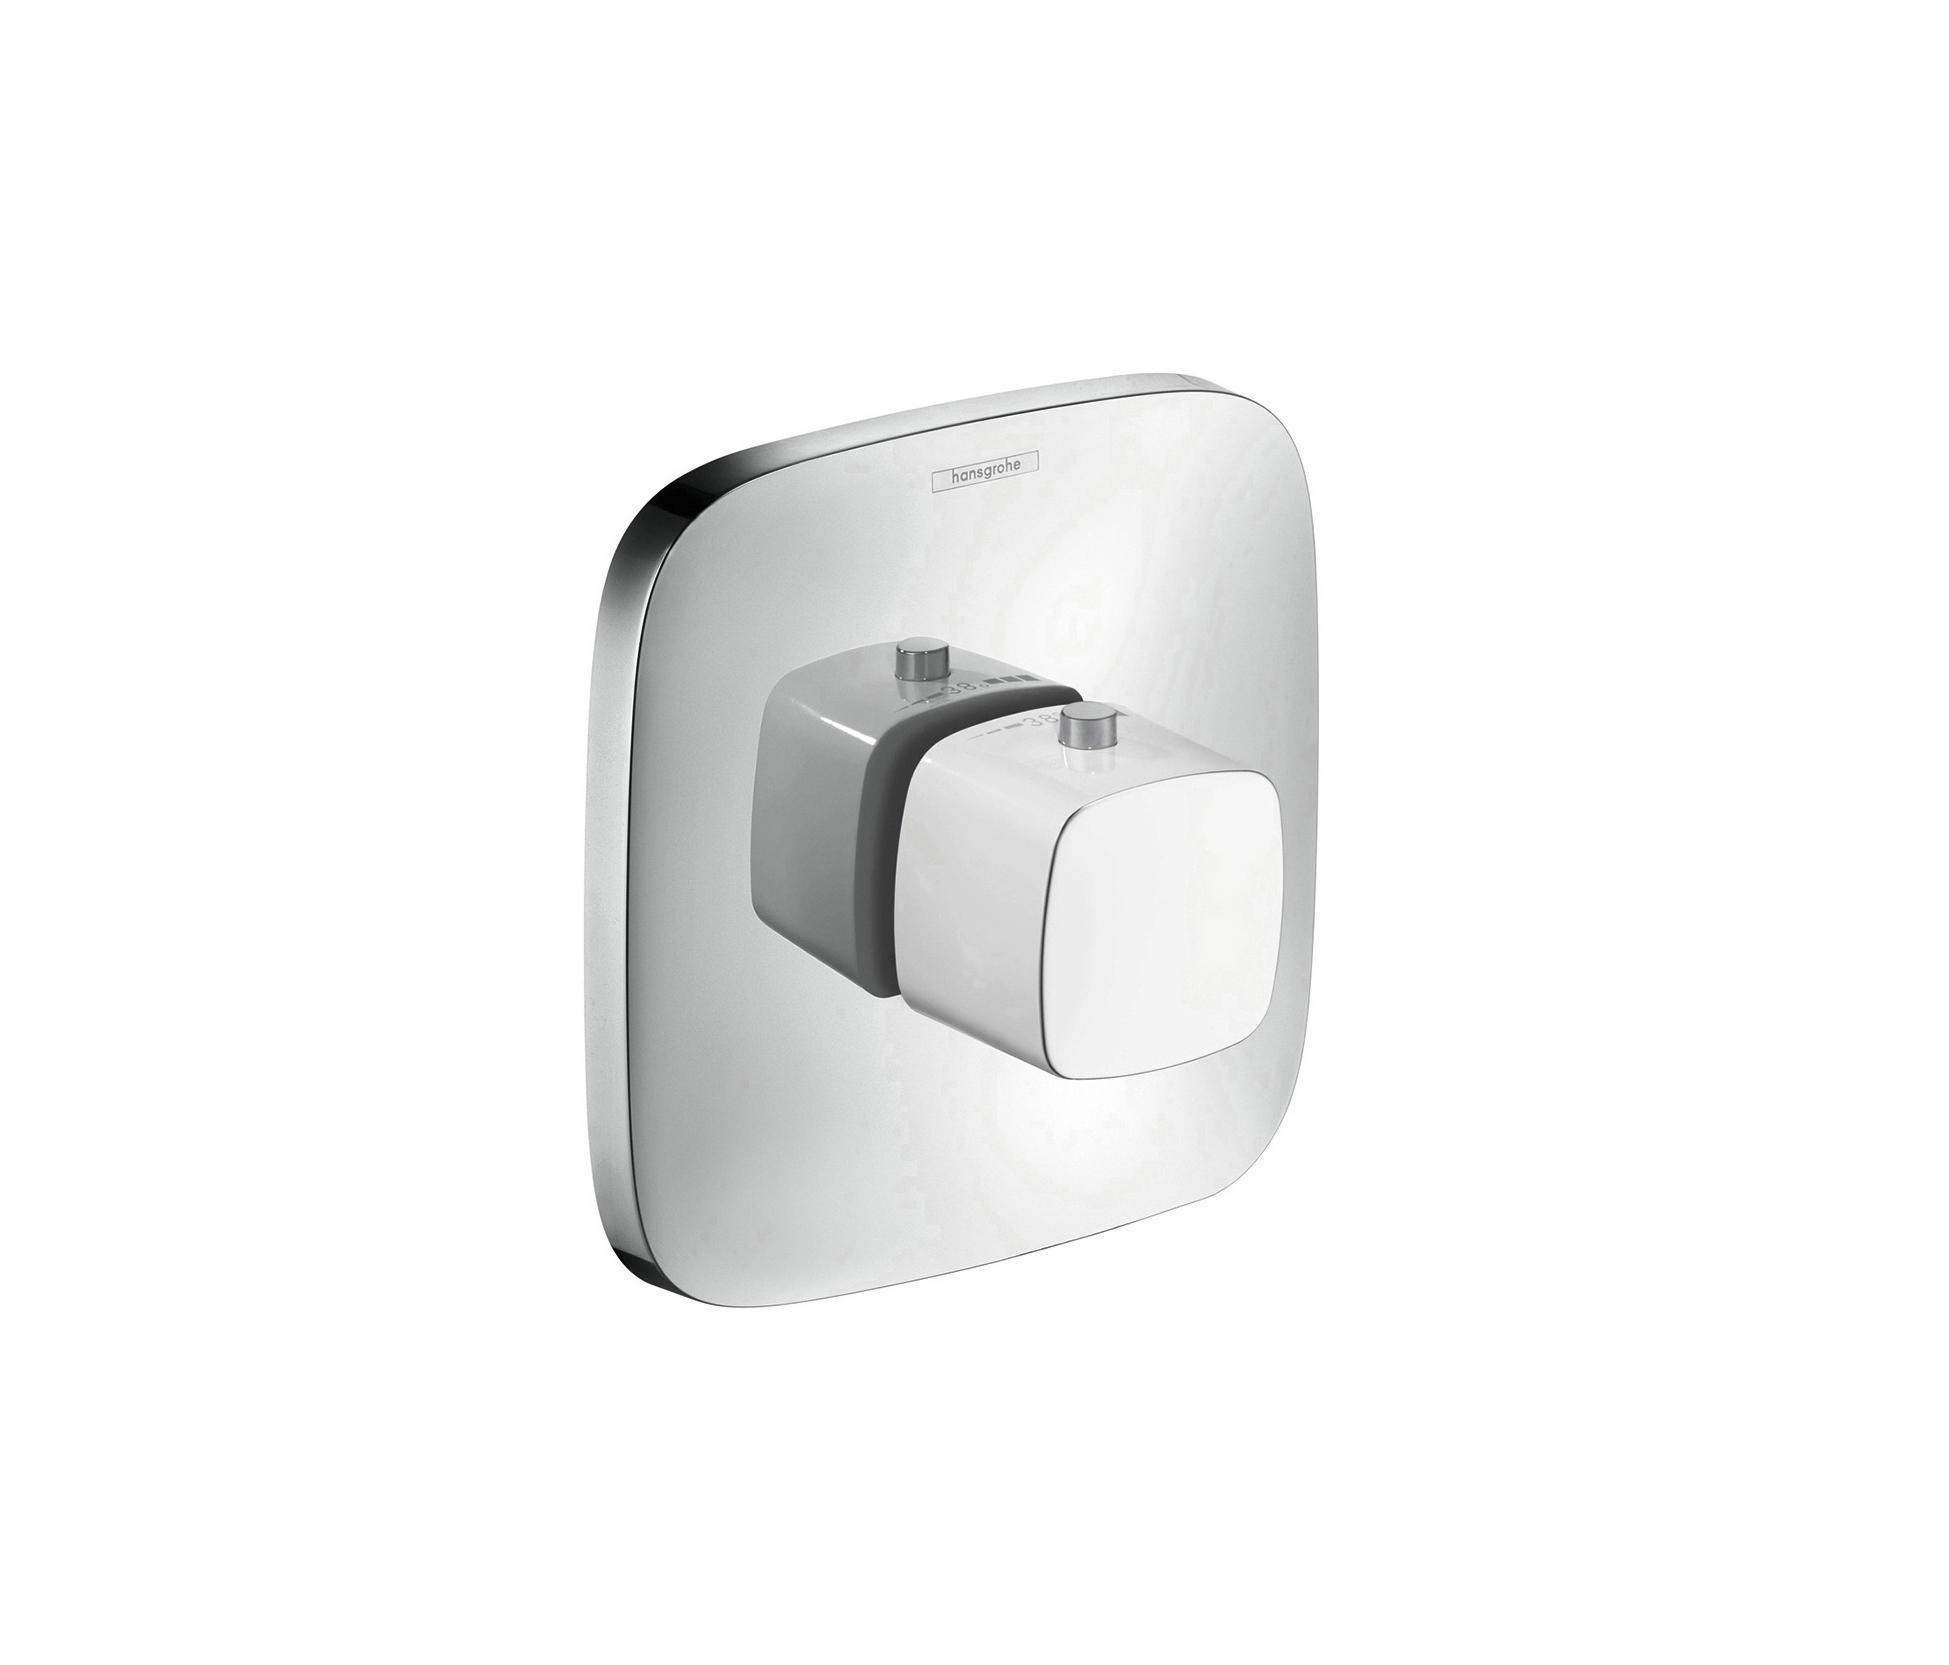 Hansgrohe termostato de gran caudal empotrado grifer a Griferia hansgrohe precios